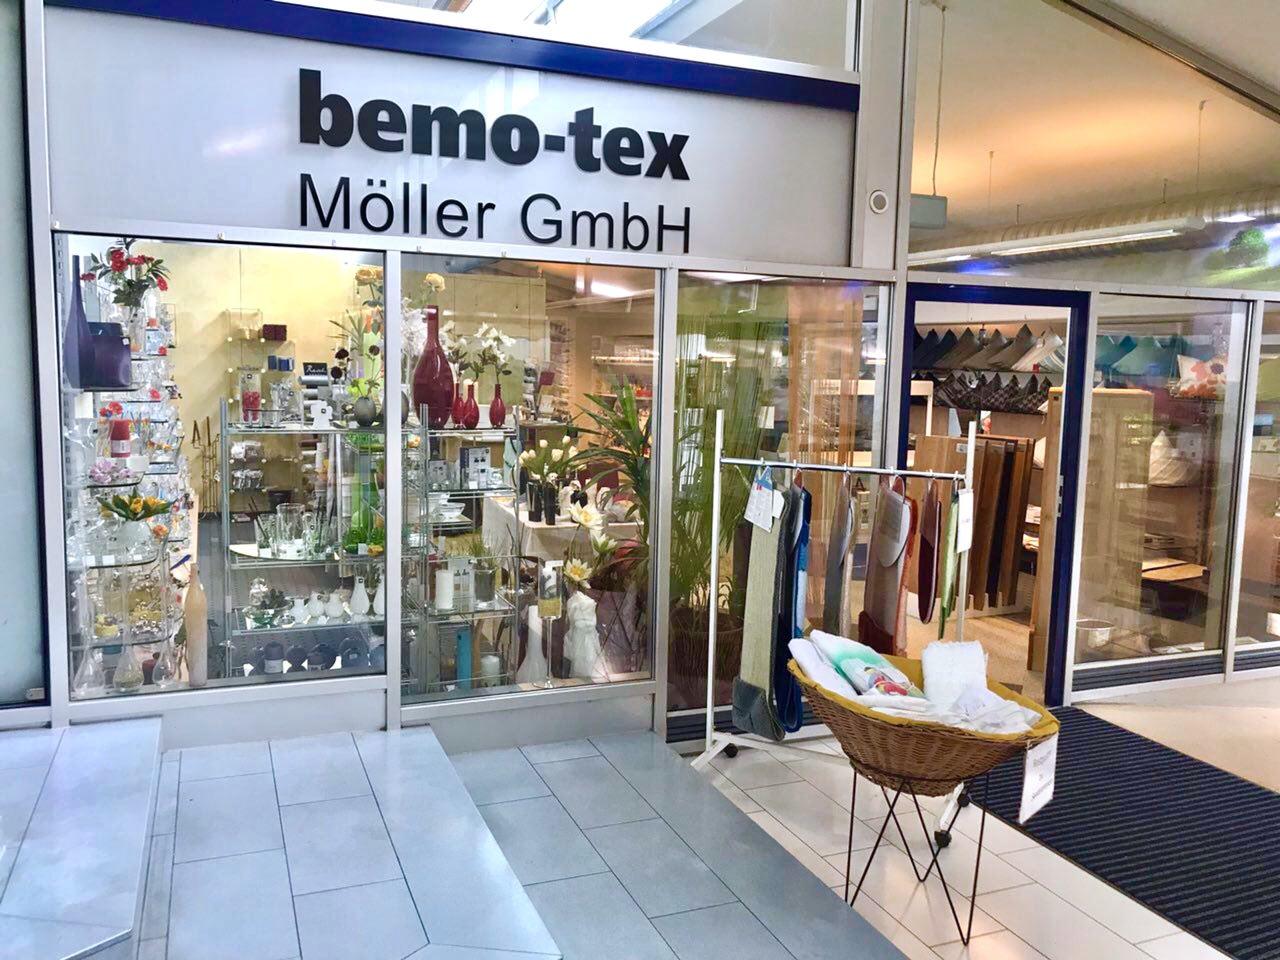 bemo-tex Möller GmbH, Raumausstattung, Farbe und Heimtex